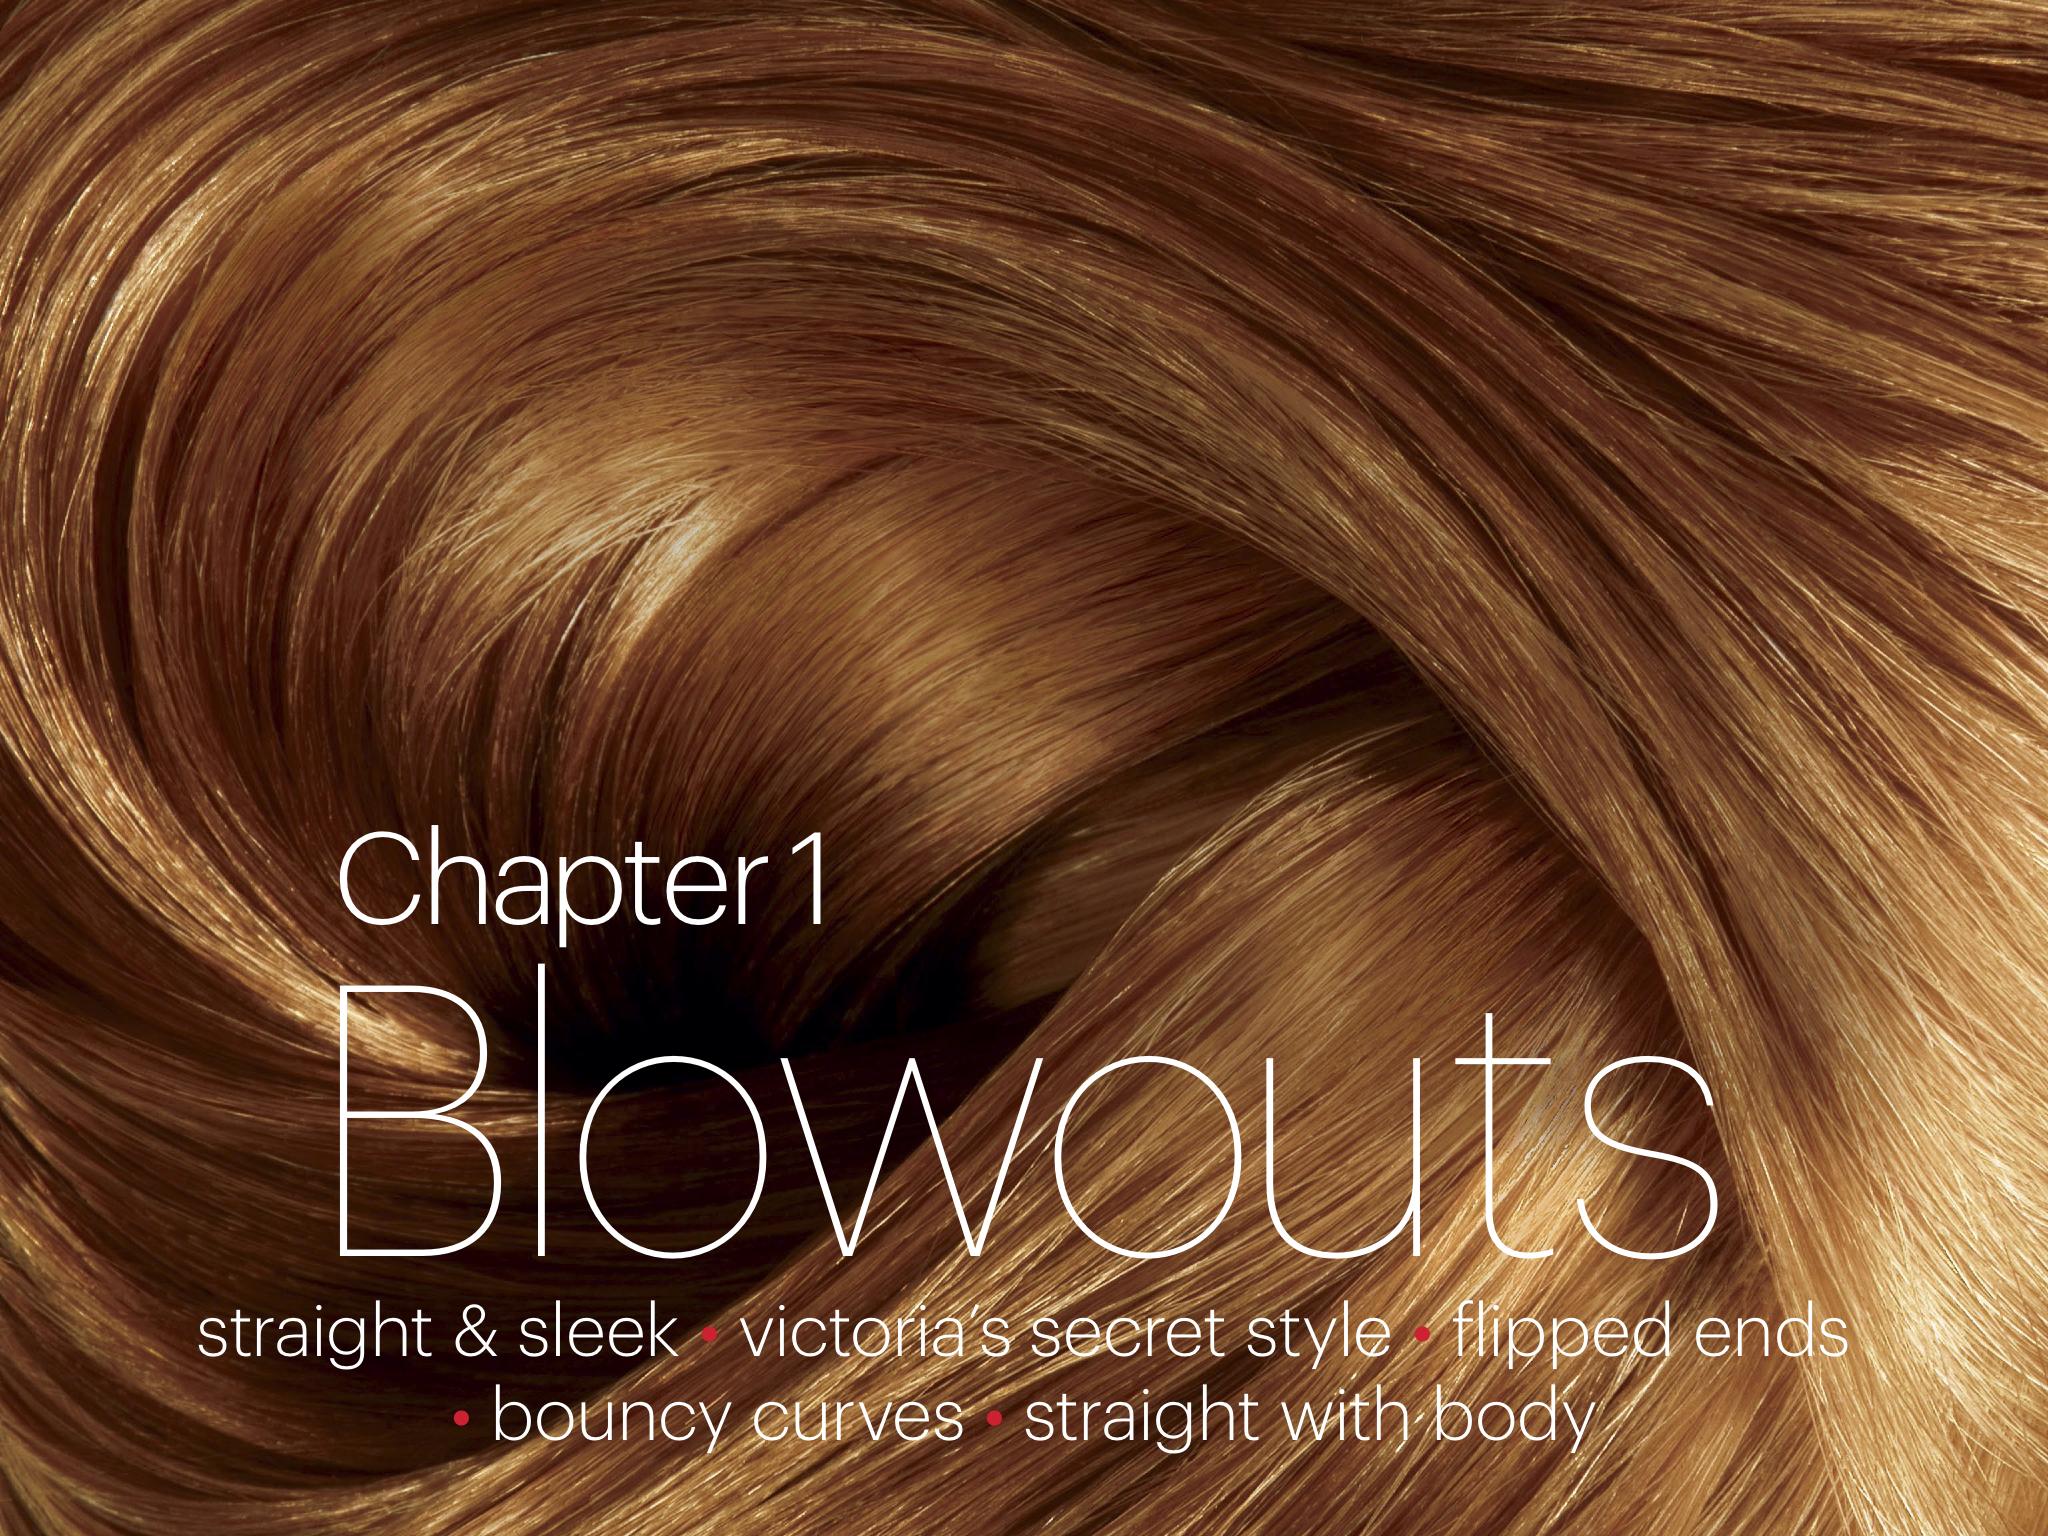 Allure_01_Jan2014-Hair Supp-2.jpg